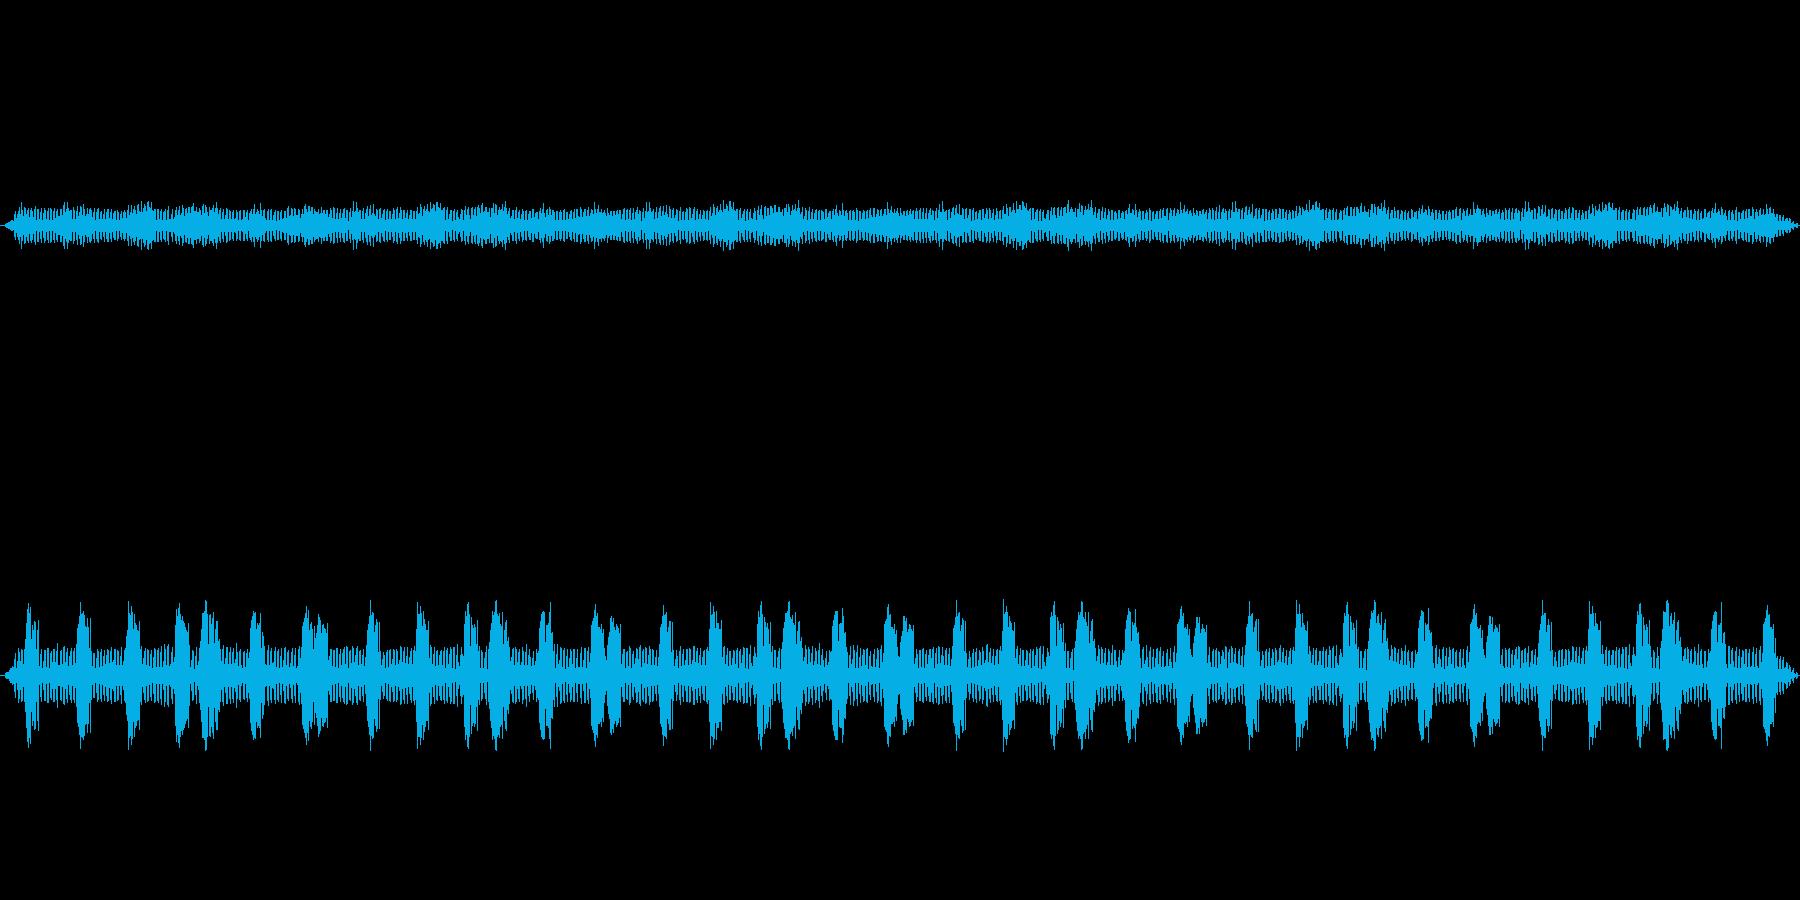 虫の声をバイノーラル録音方式で収音しま…の再生済みの波形